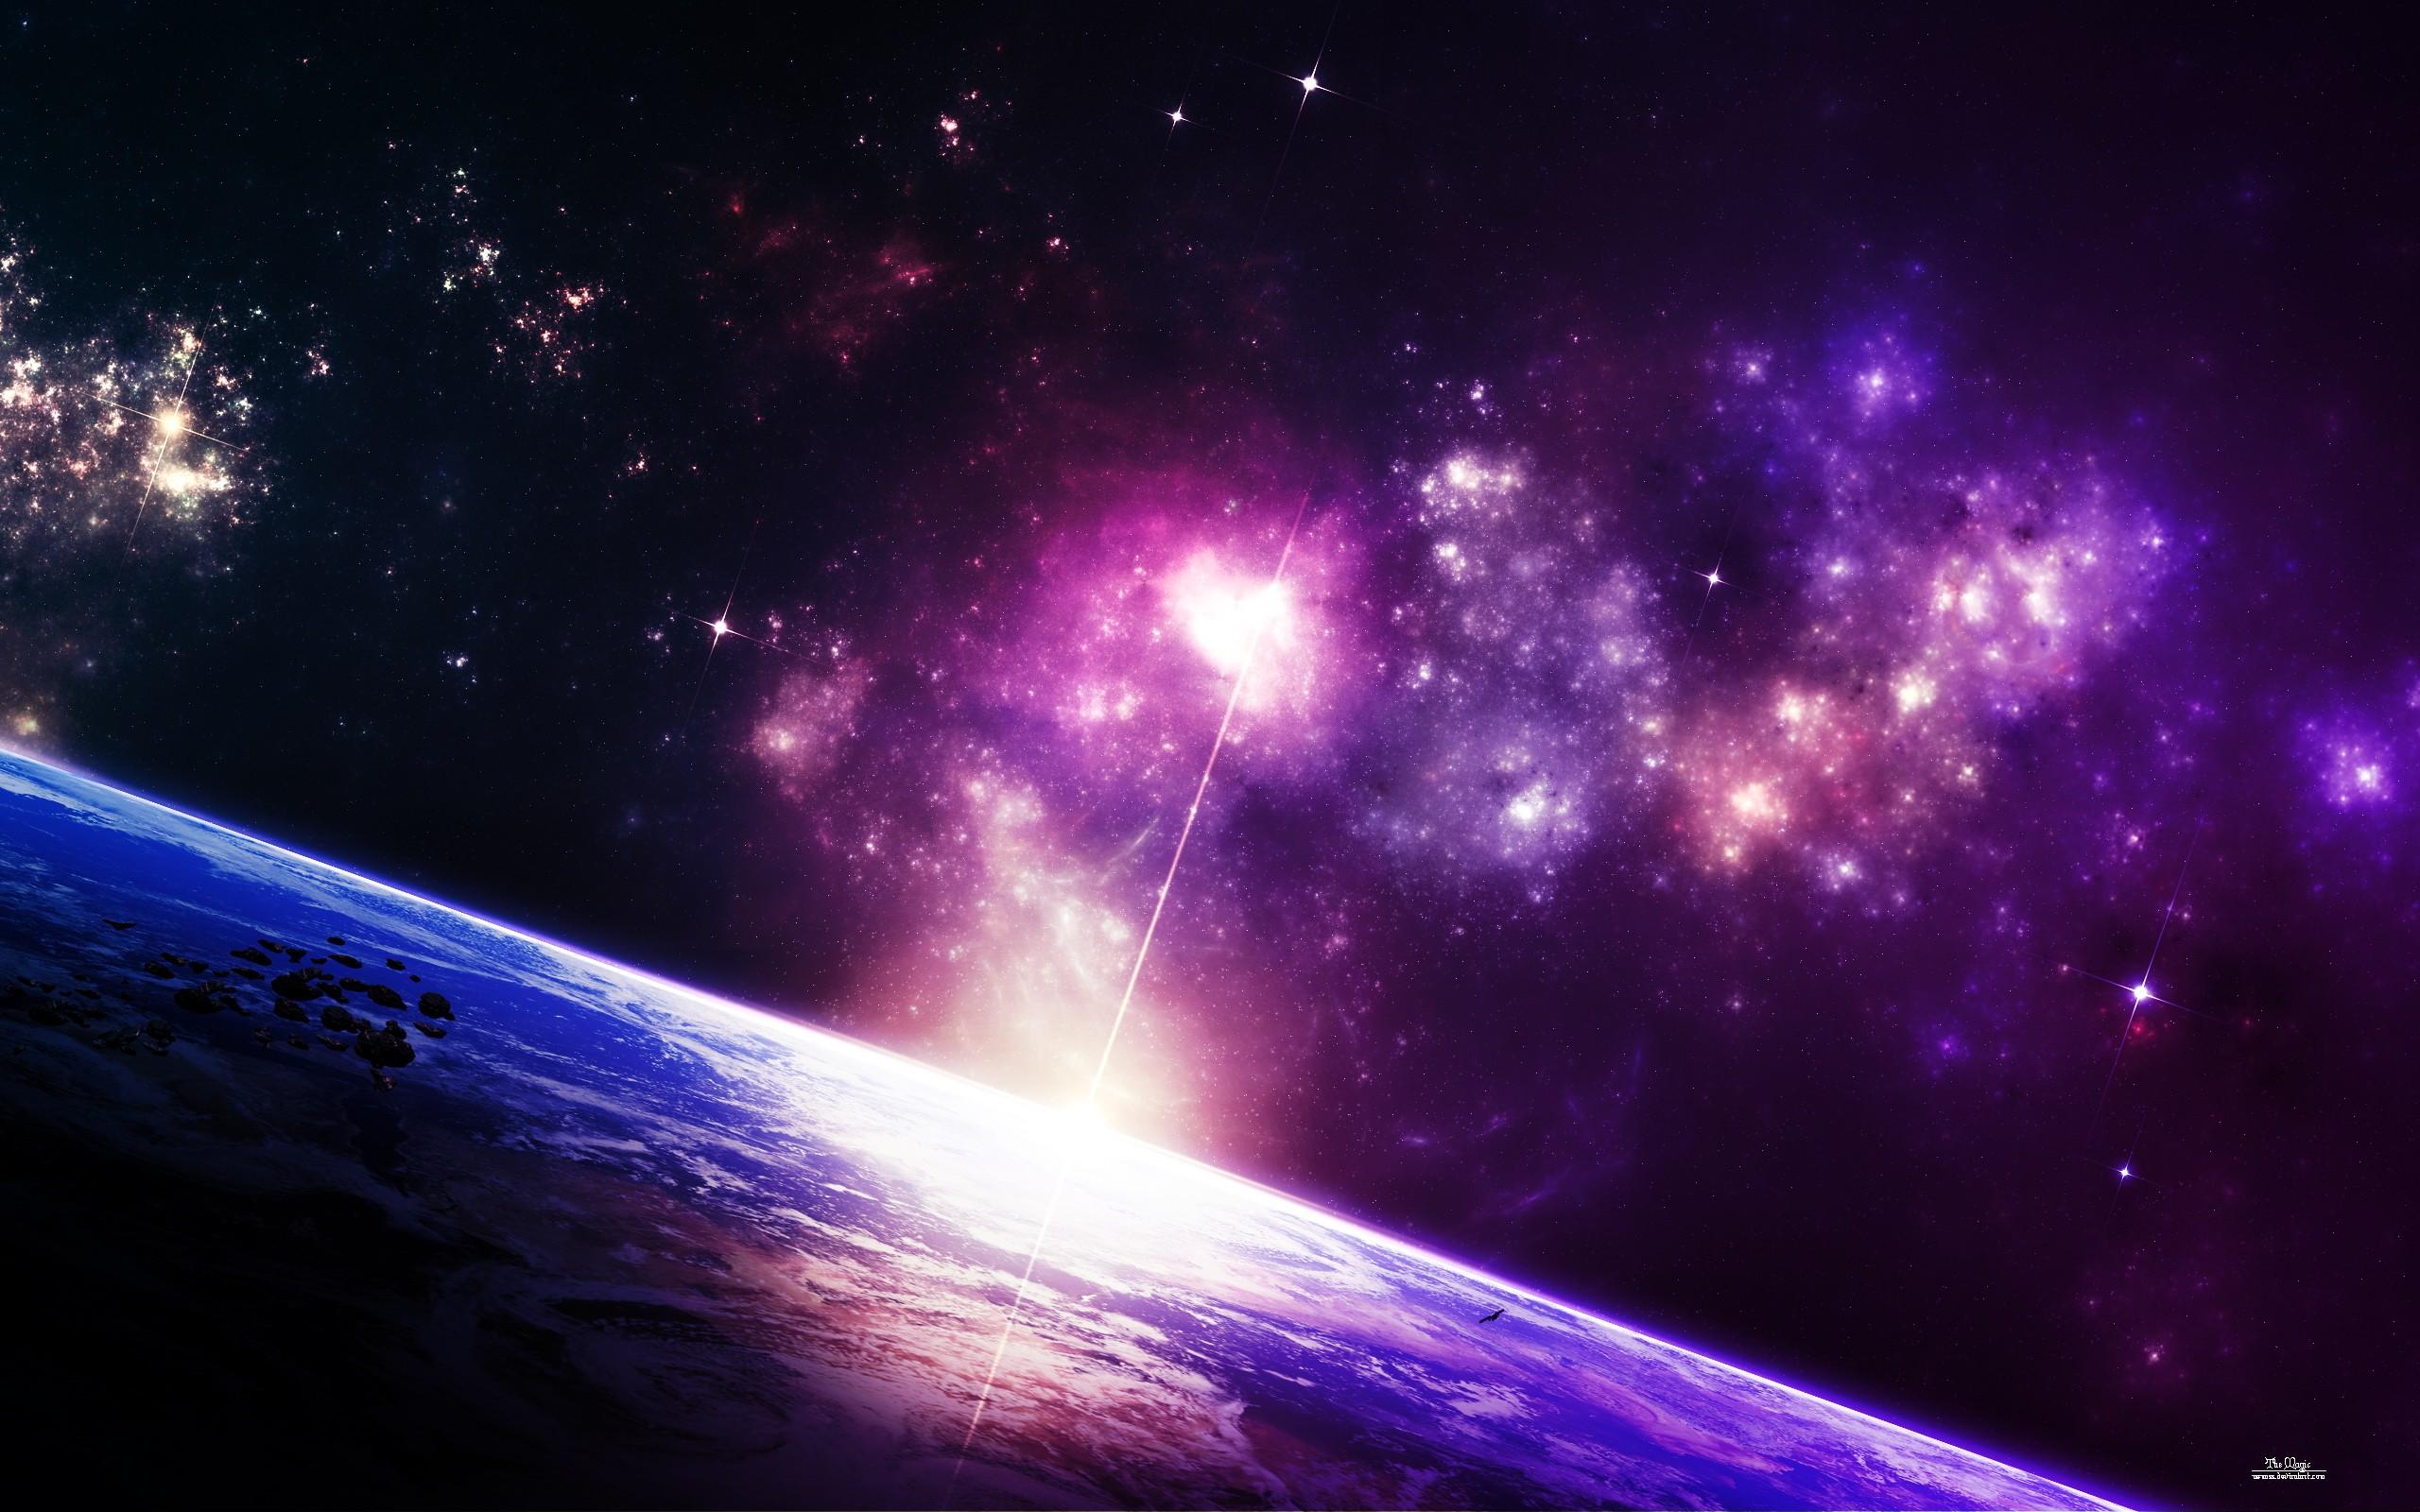 самые популярные картинки космоса советский